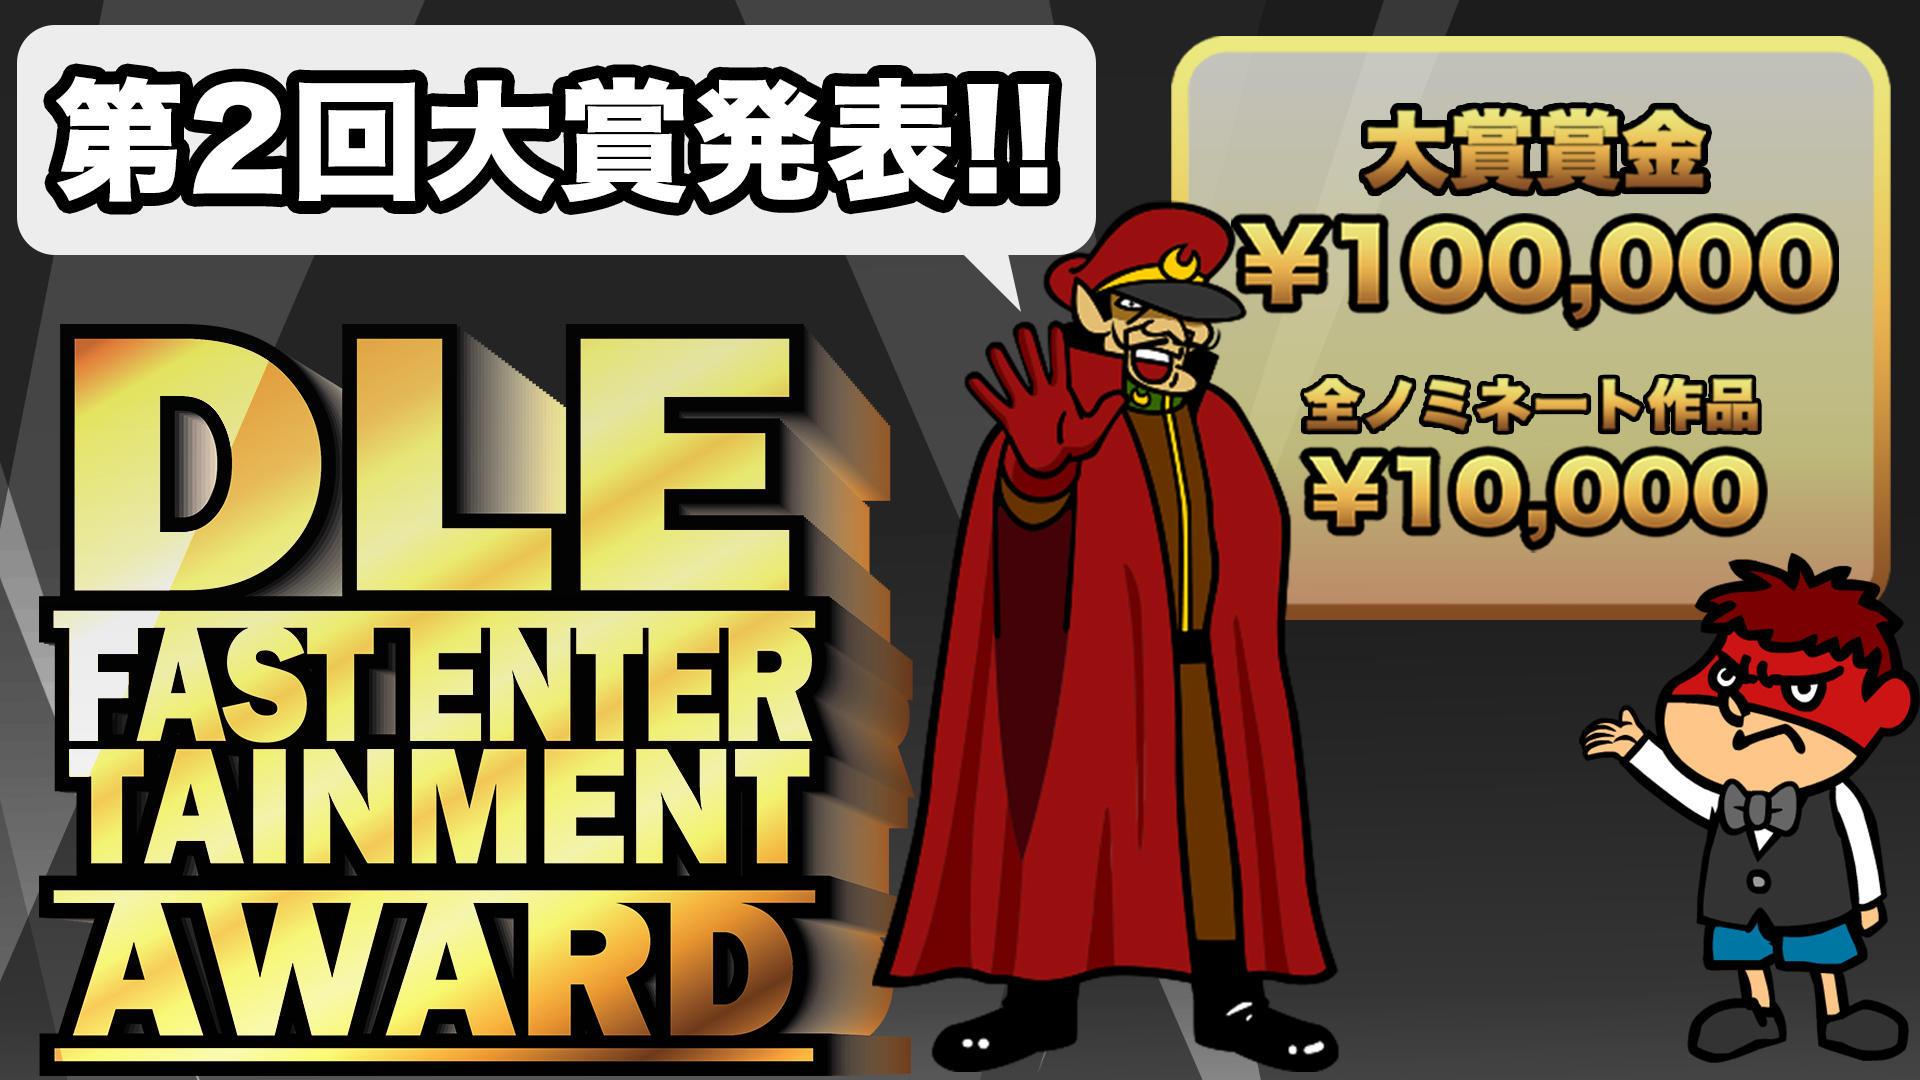 【大賞発表】第2回「DLEファスト・エンターテインメント・アワード」